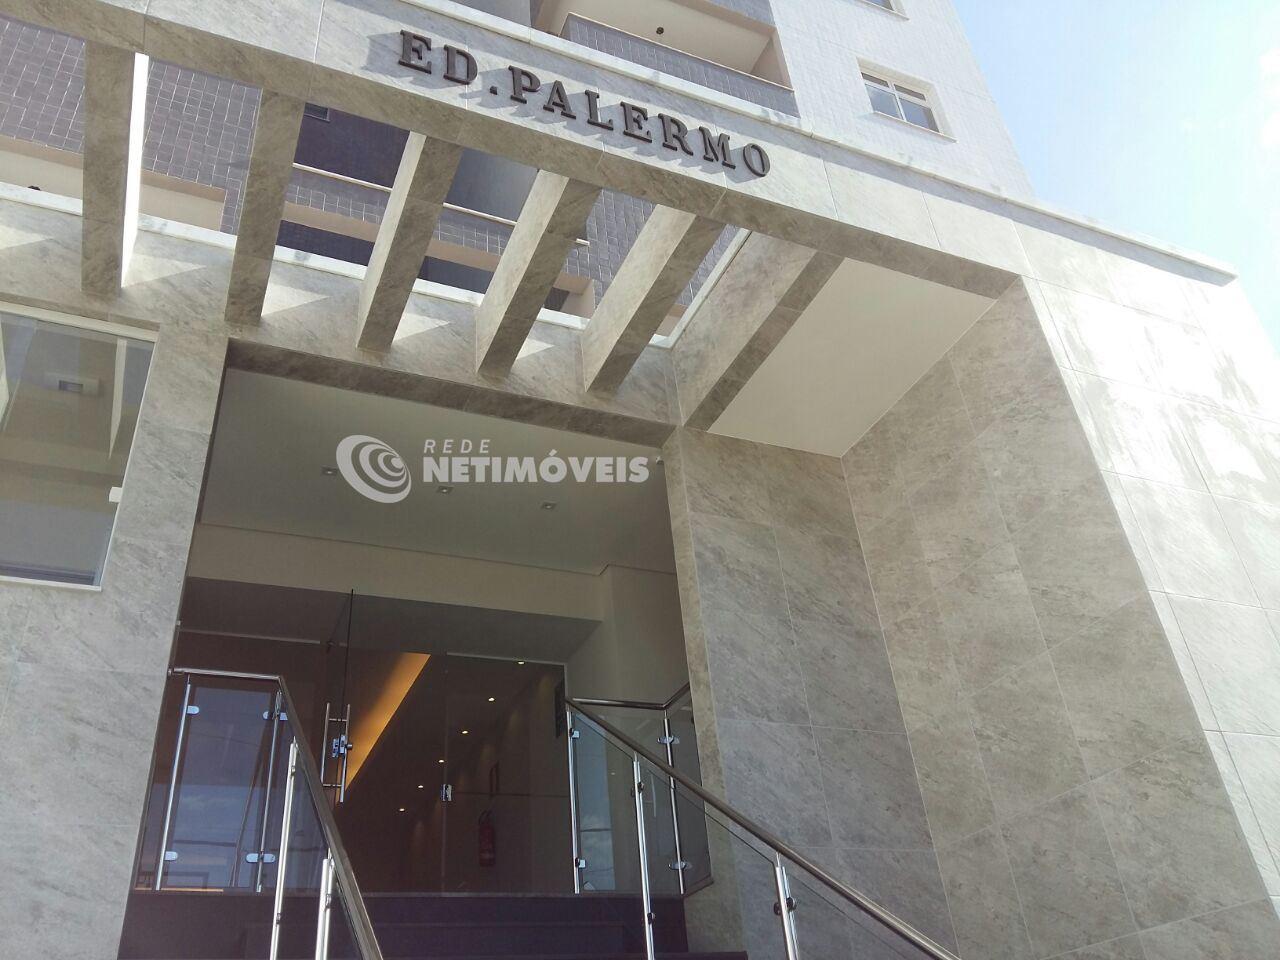 Ed. Palermo - Portaria